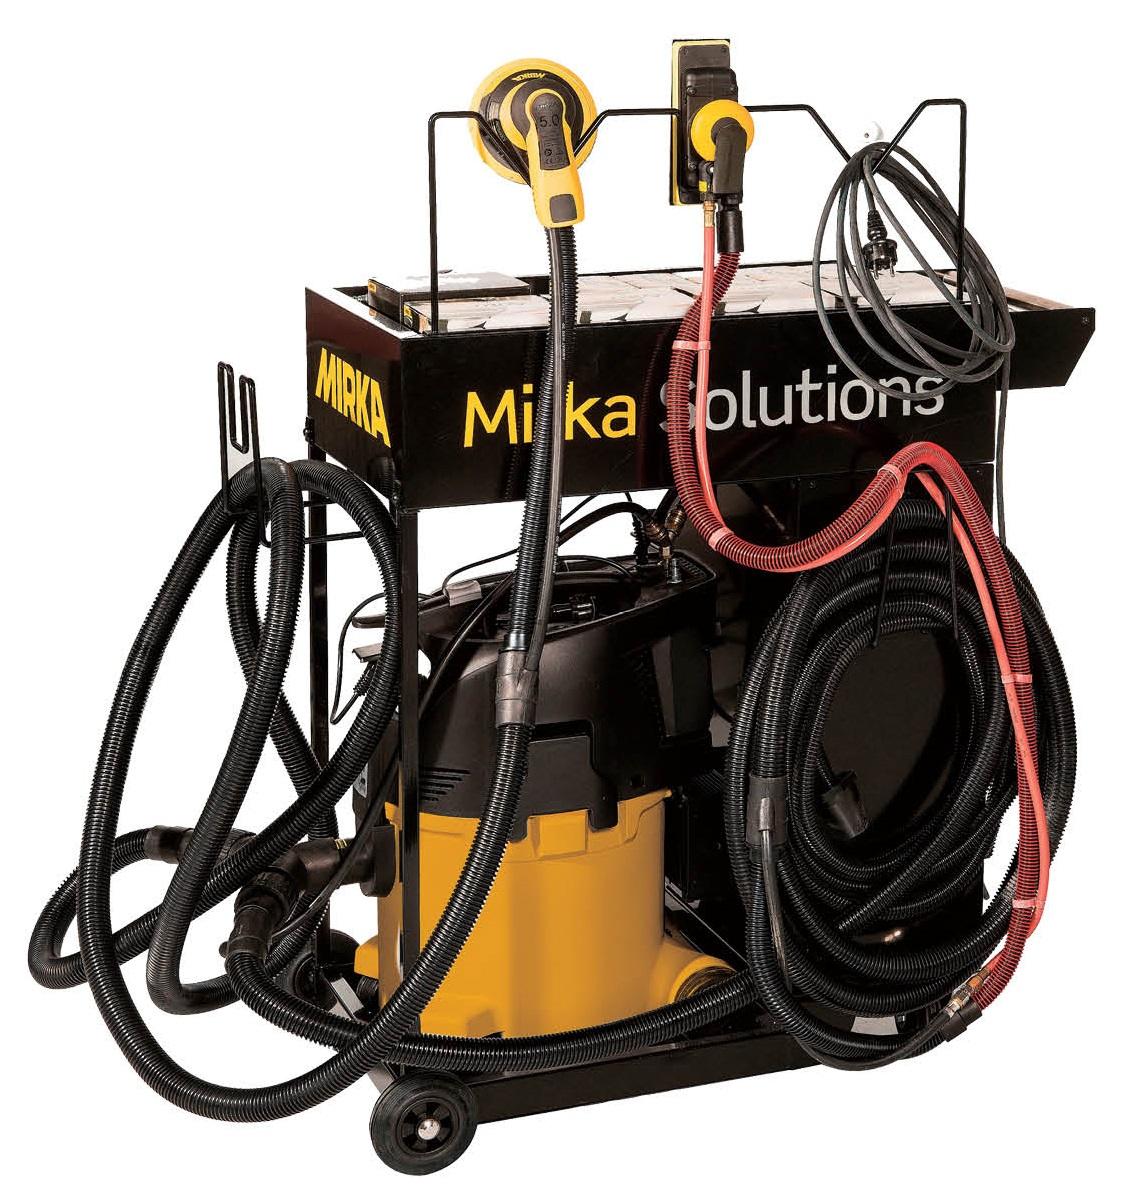 芬兰磨卡MIRKA干磨设备标配套装